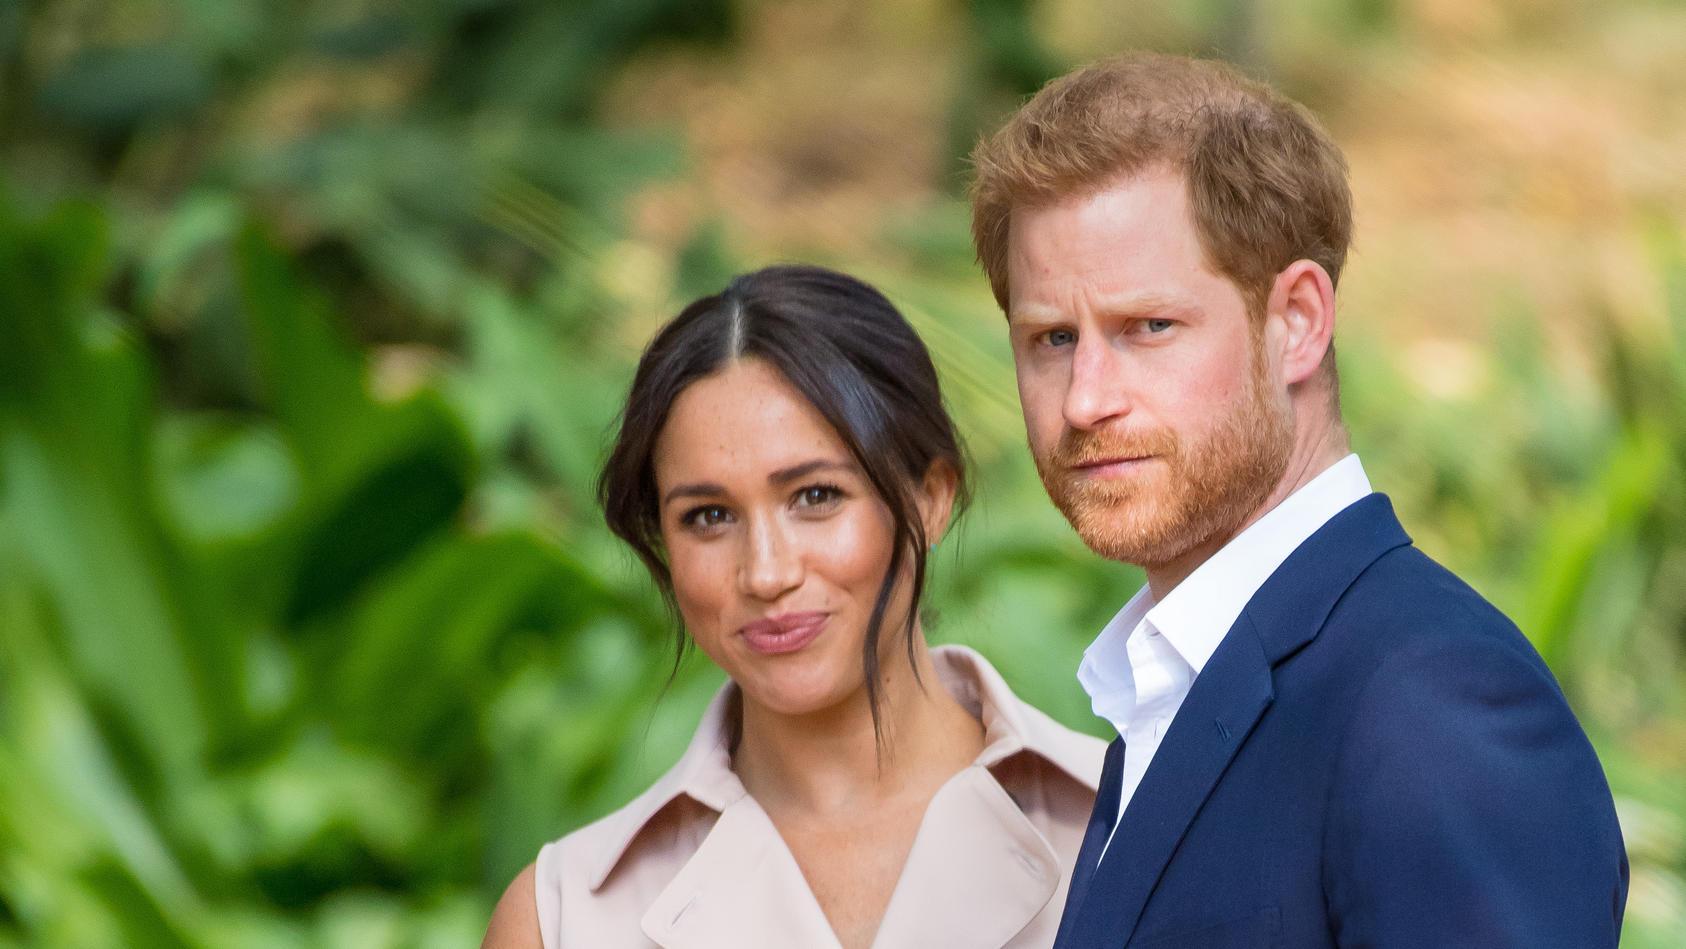 Herzogin Meghan und Prinz Harry sind seit 2 Jahren verheiratet - was wohl die Zukunft bringt?